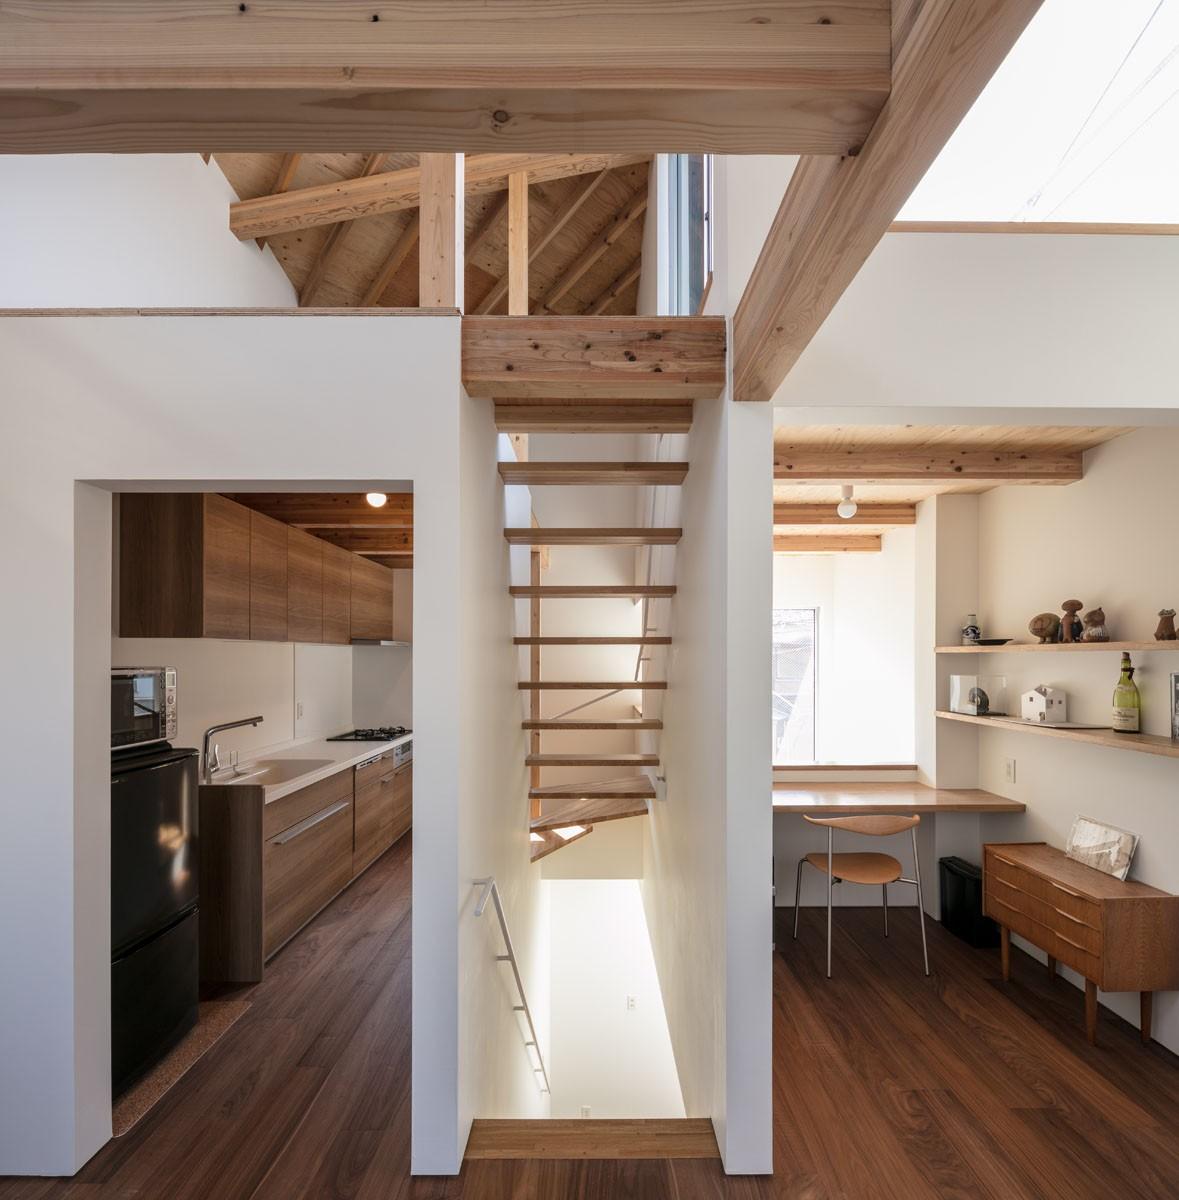 キッチン事例:連続する空間(福岡市今川の家/ルーフバルコニーのある狭小住宅)